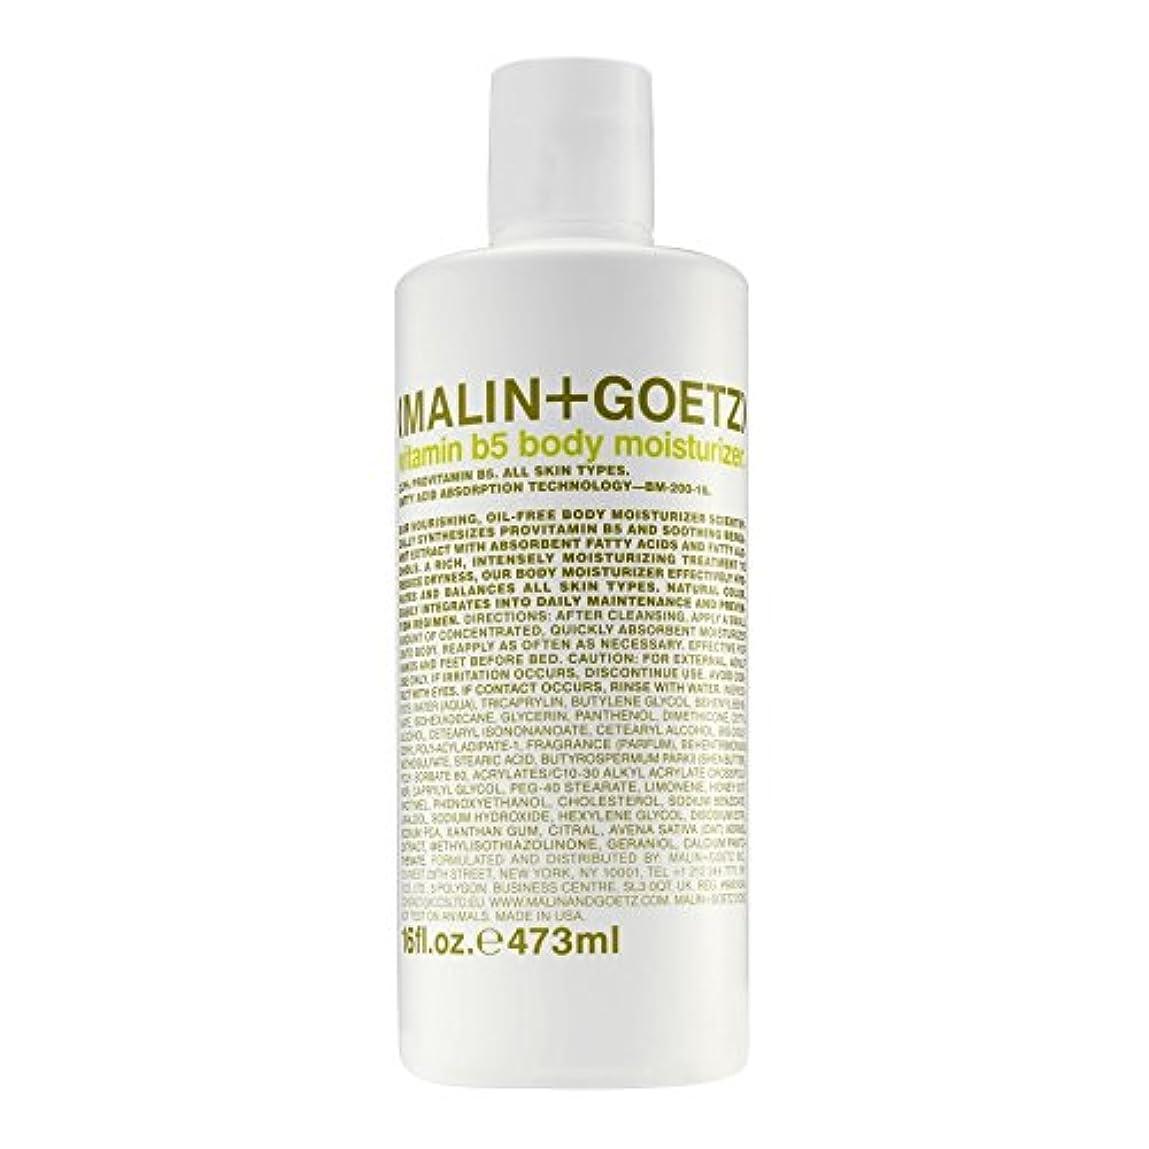 過去マネージャー北マリン+ゲッツビタミン5ボディモイスチャライザーの473ミリリットル x4 - MALIN+GOETZ Vitamin B5 Body Moisturiser 473ml (Pack of 4) [並行輸入品]